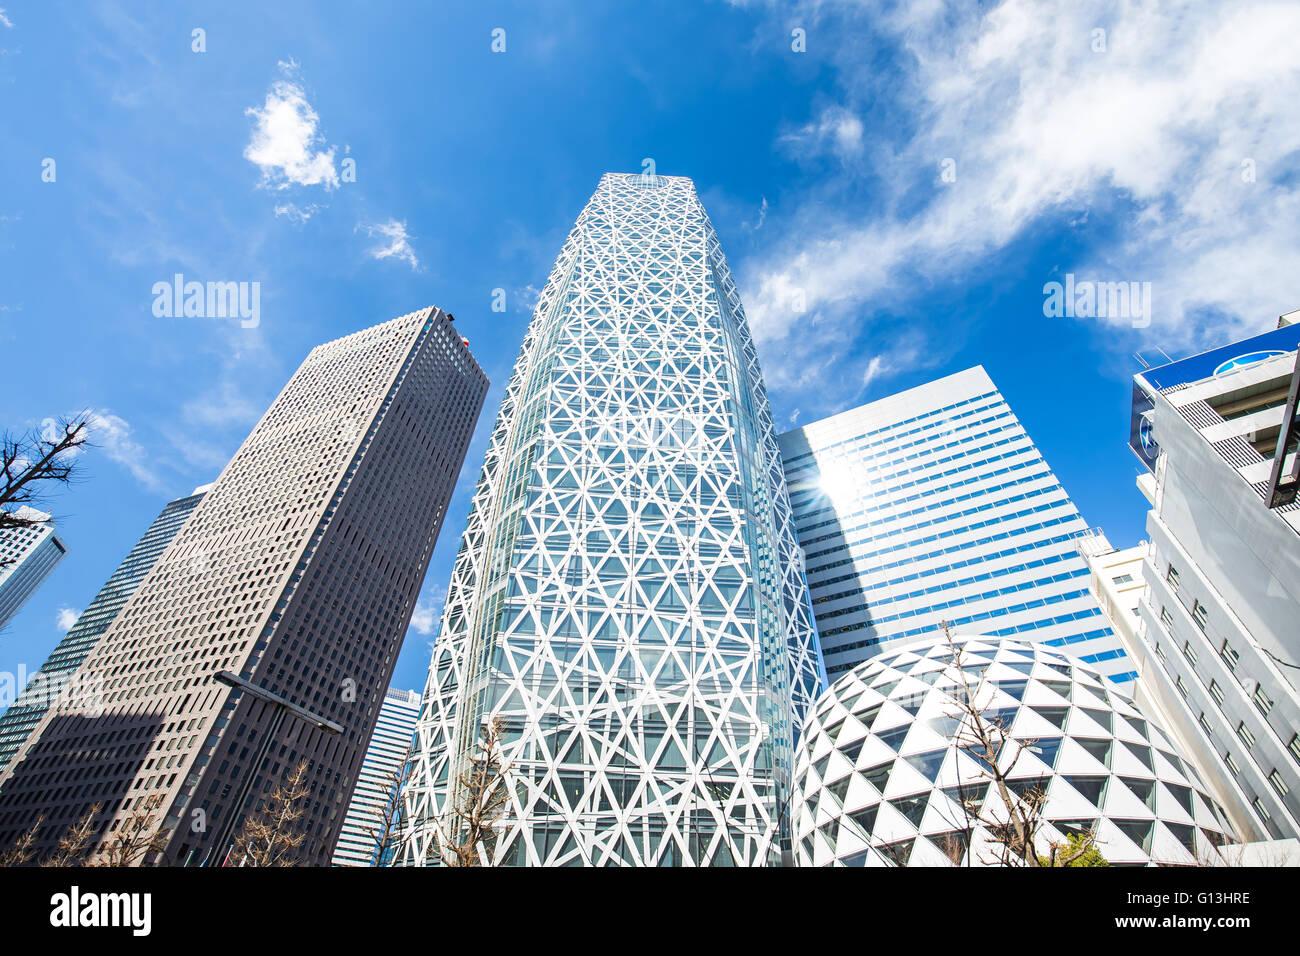 Tokyo, Giappone - 13 Febbraio 2015: Shinjuku è un reparto speciale situato nella metropoli di Tokyo, Giappone. Immagini Stock